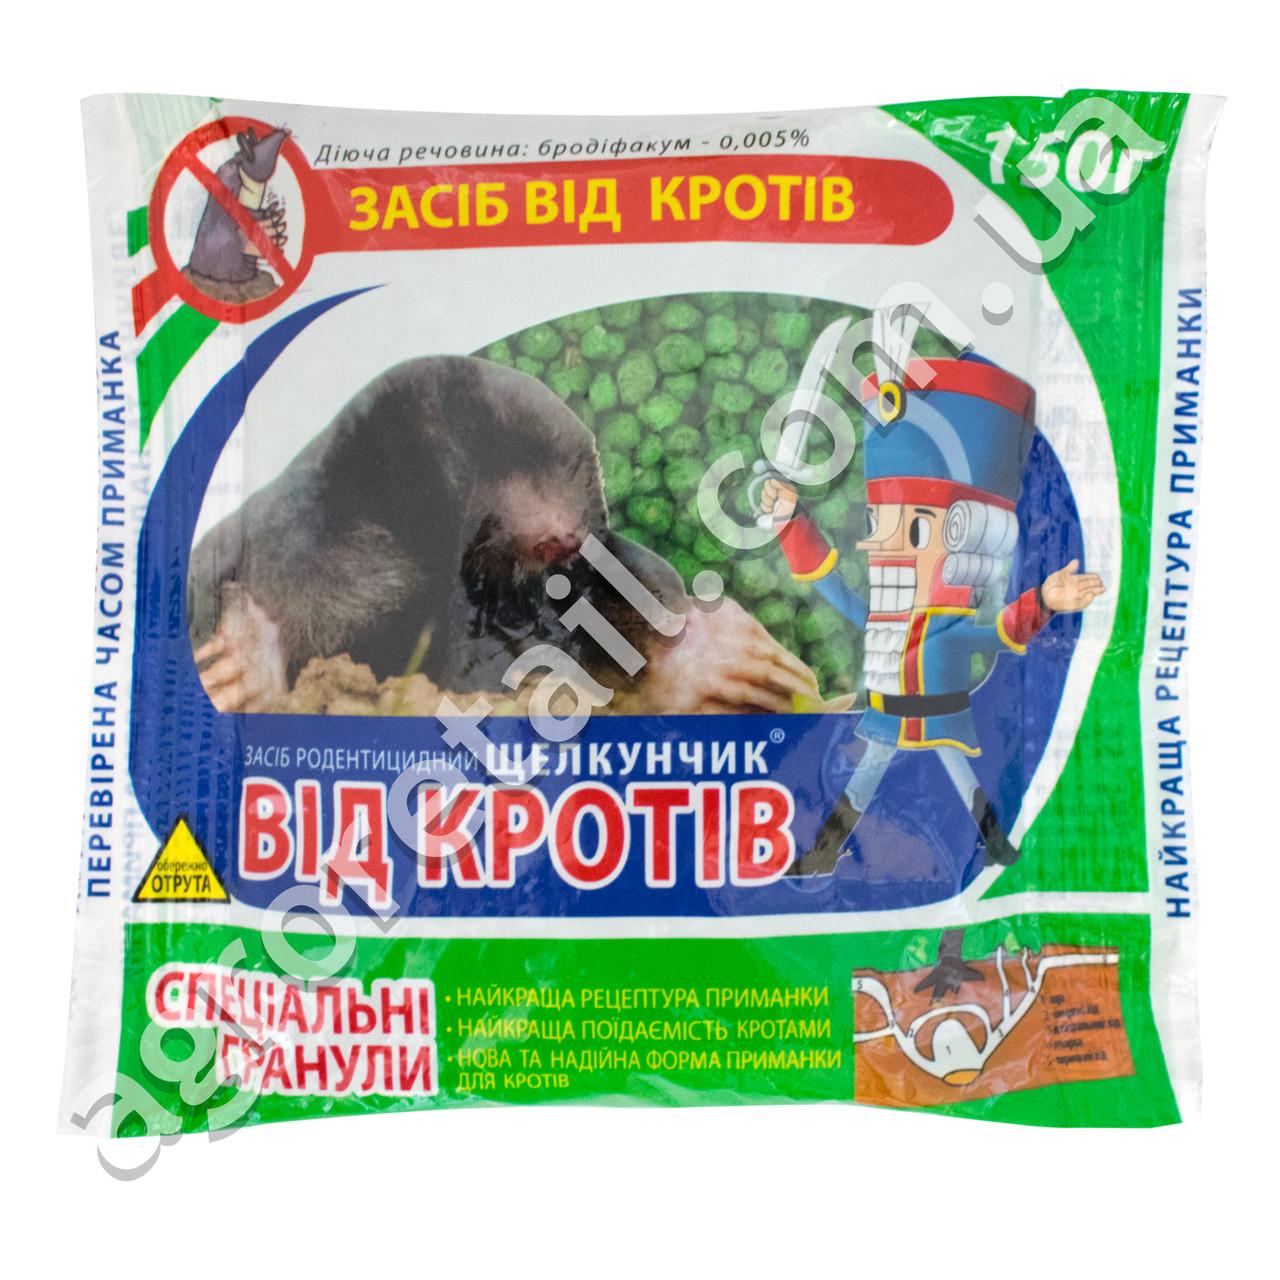 Гранулы от кротов Щелкунчик 150 г